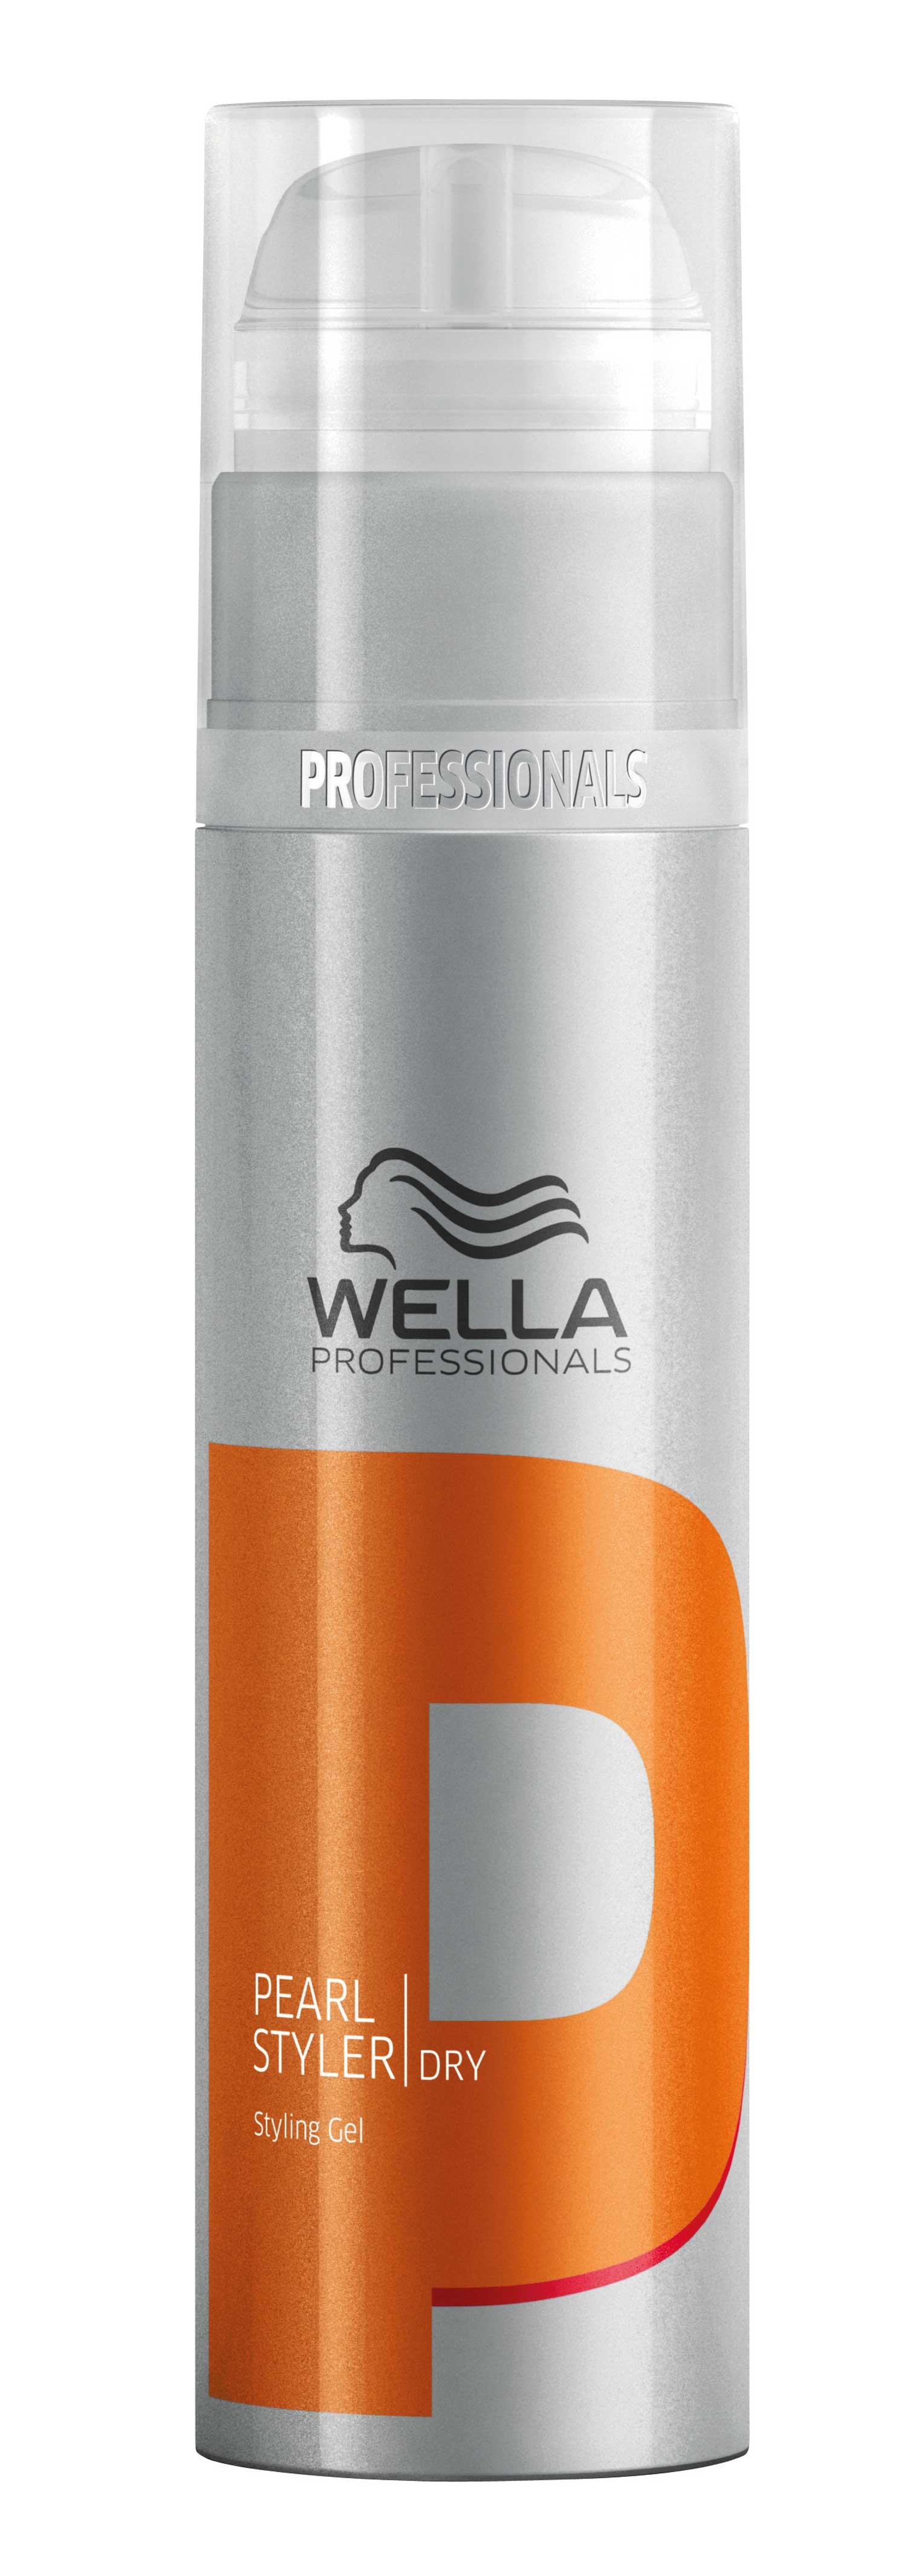 Моделирующий гель wella pearl styler - цена, отзывы, фото. купить в магазине pronogti.ru.